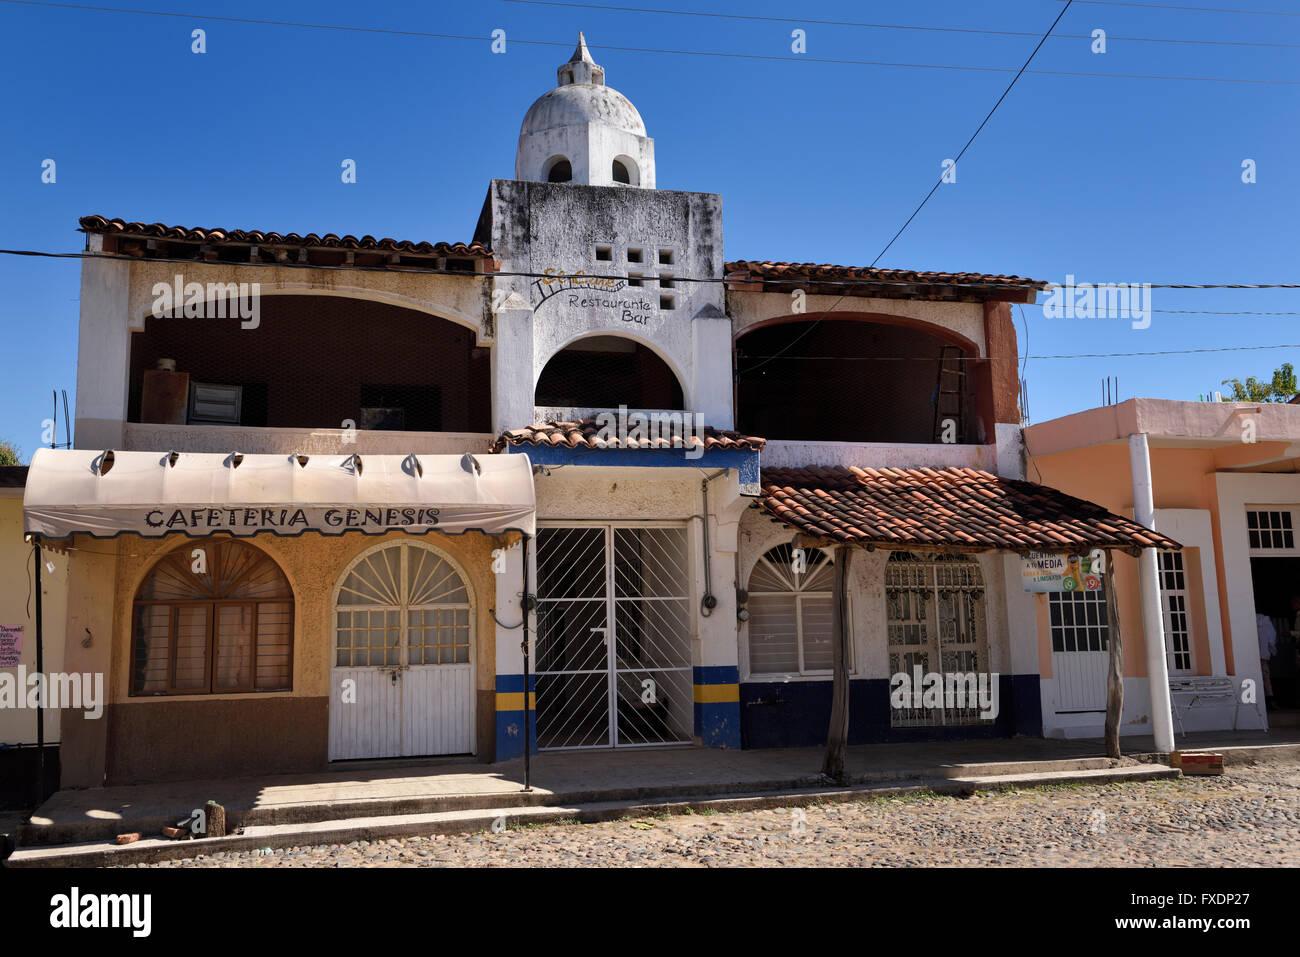 Fensterläden Restaurantbar im ländlichen Las Palmas Jalisco Mexiko Stockbild